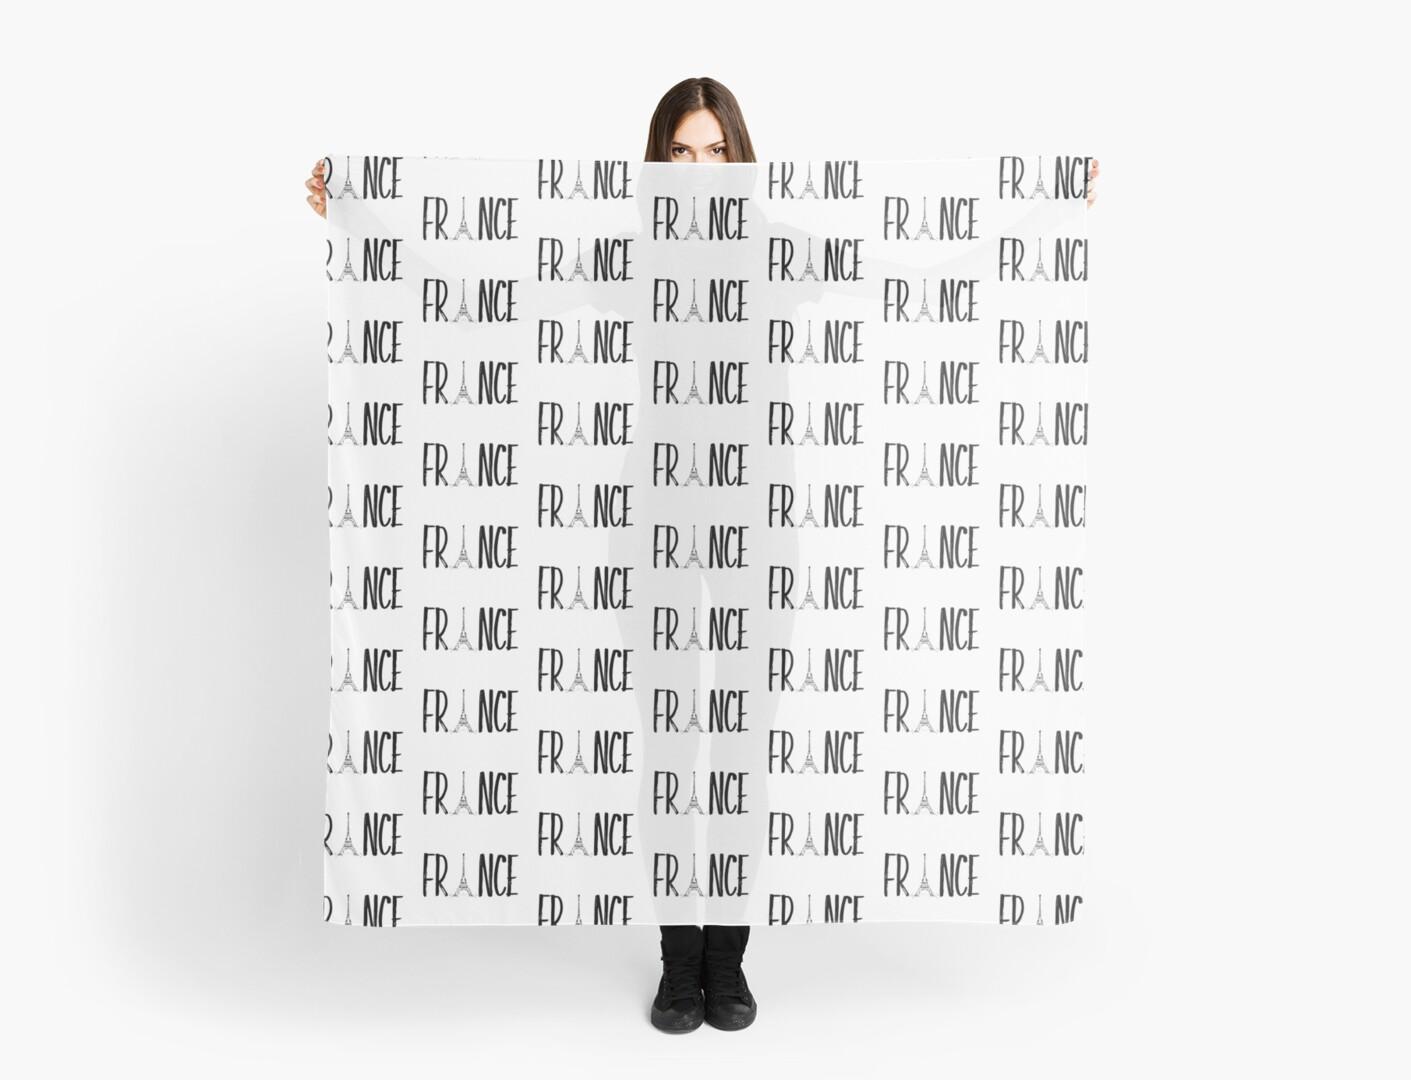 FRANCE Typografie  von Melanie Viola